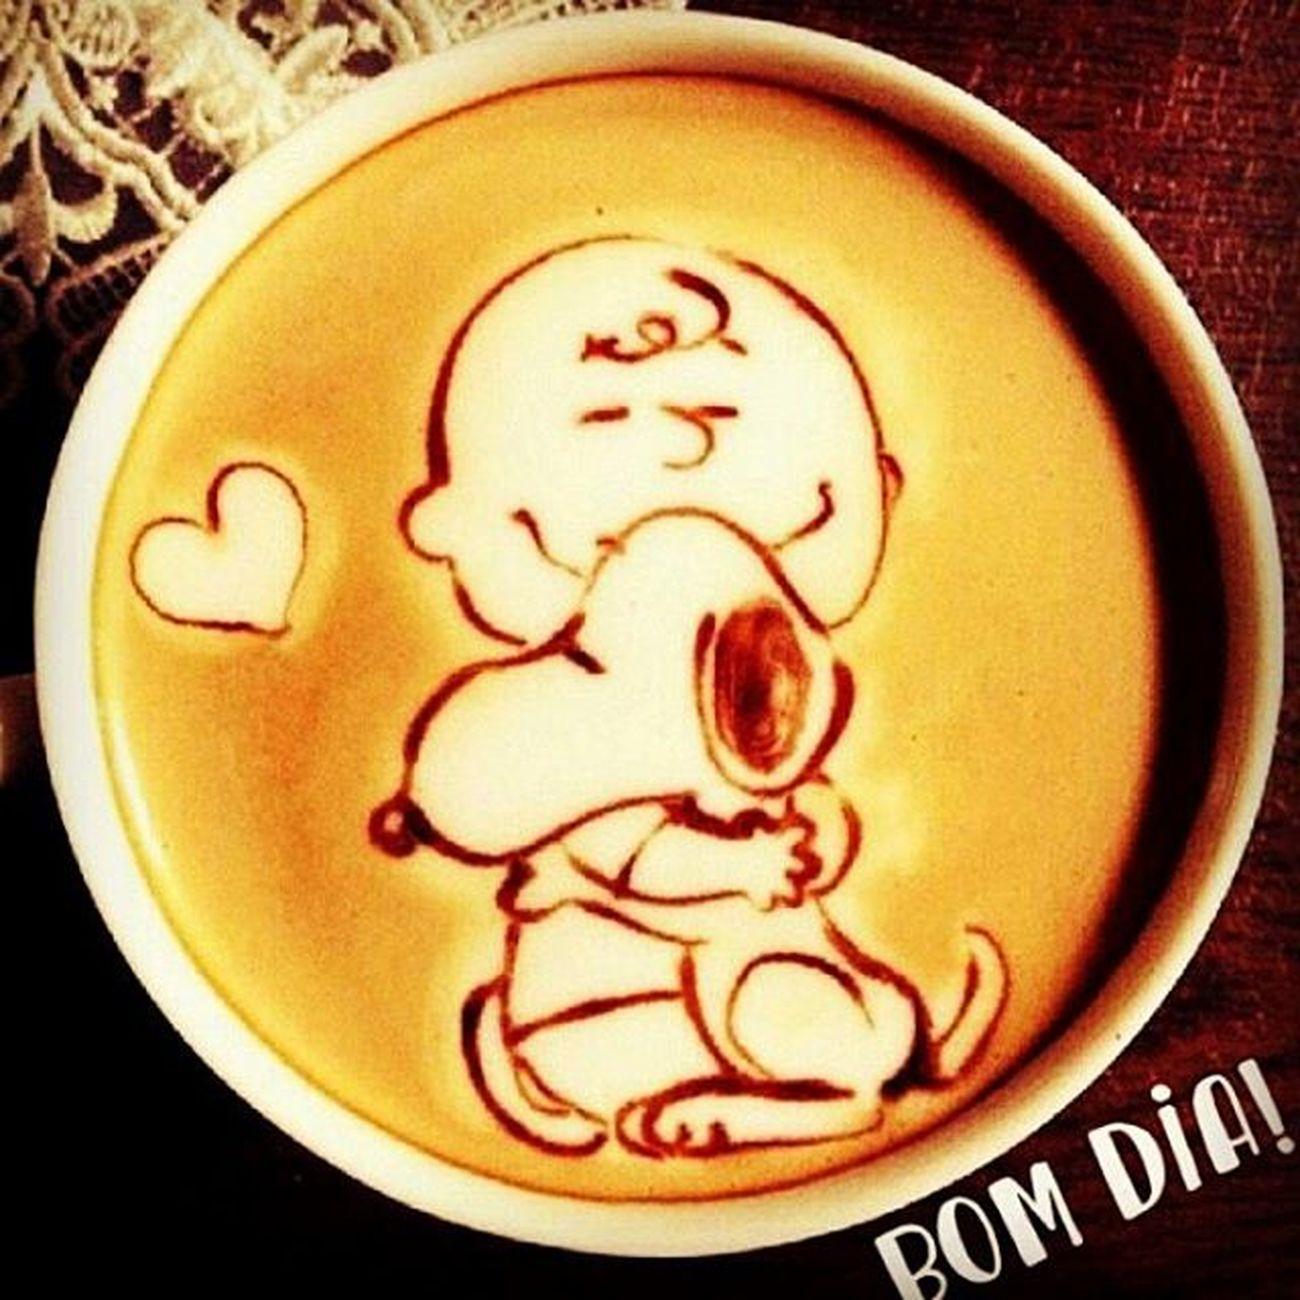 Bom diaaaaaaaaa! Bomdia Cheirodecafe Cafecomamor